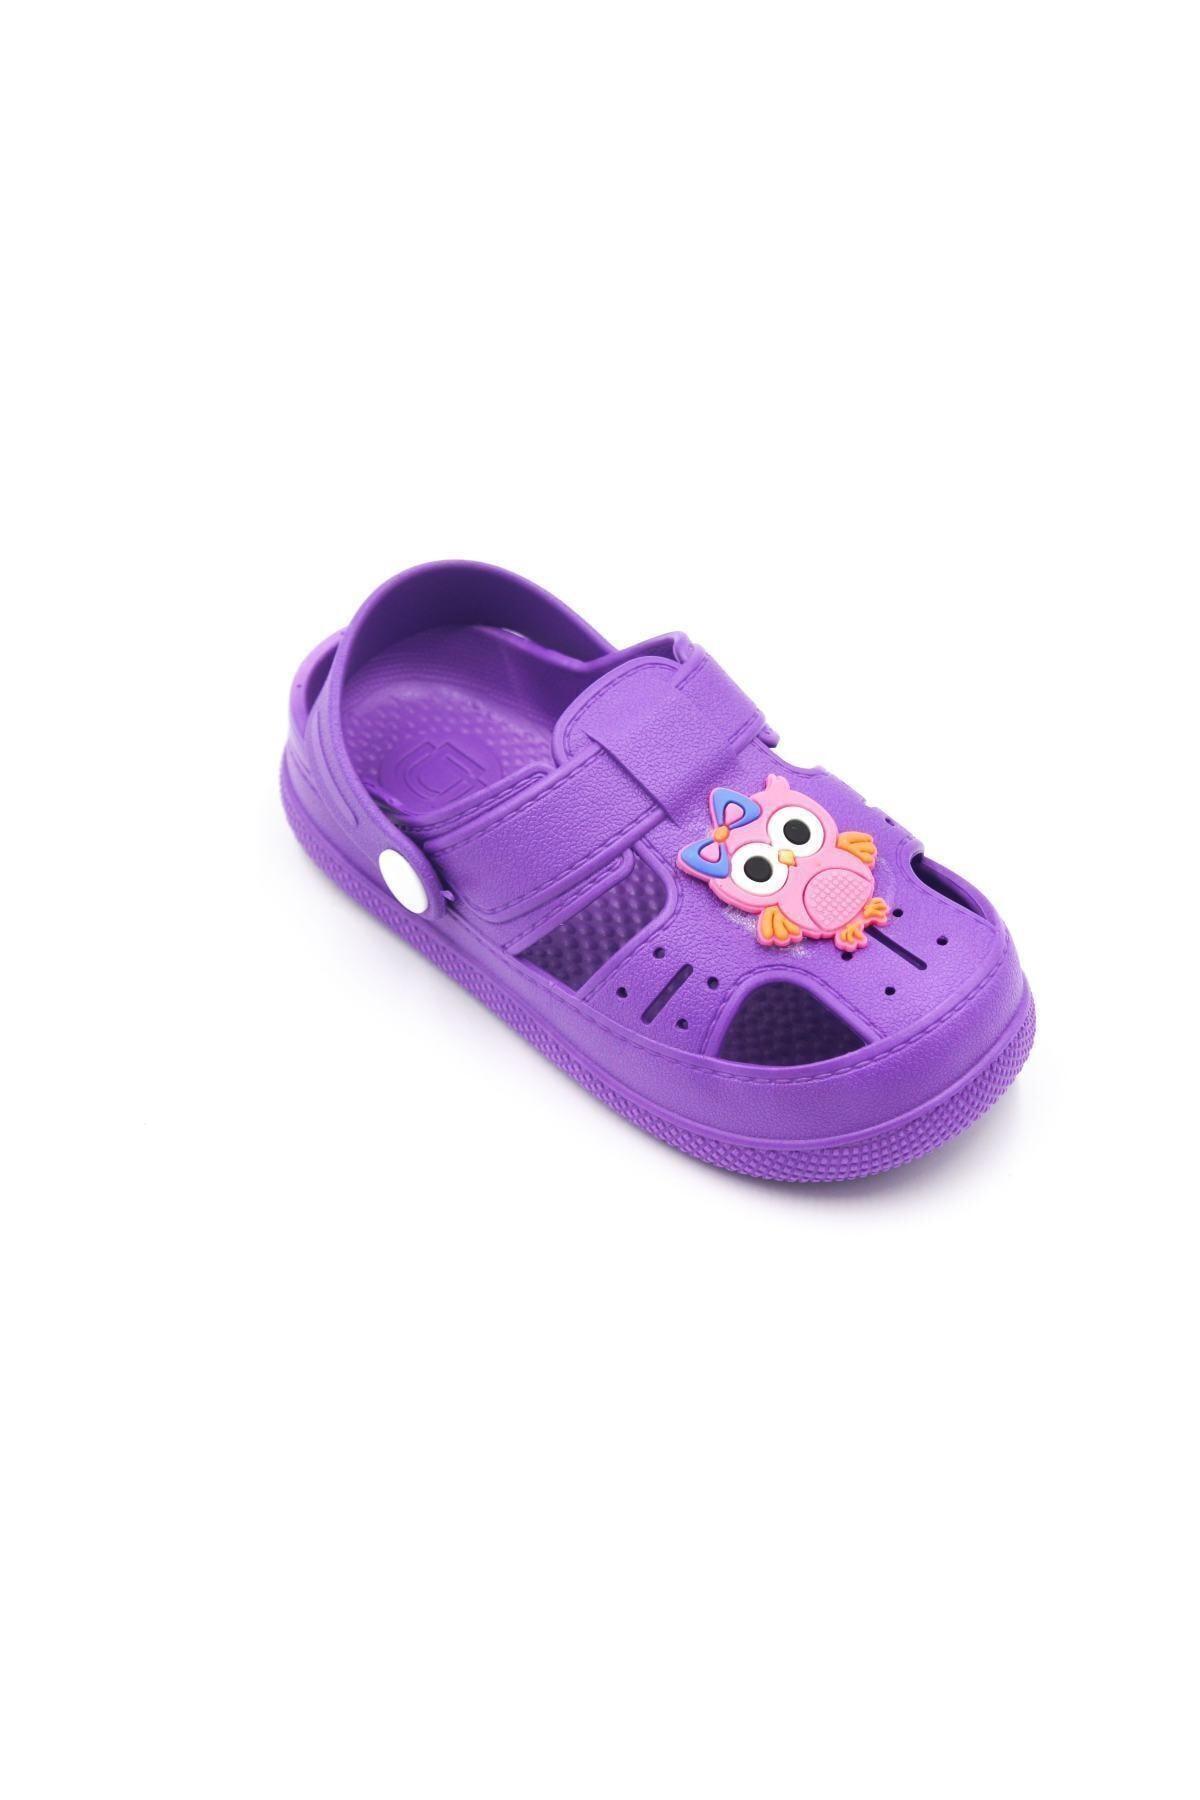 Çocuk Günlük Ortopedik Kaymaz Taban Hayvan Figürlü Çocuk Sandalet Terlik - Mor